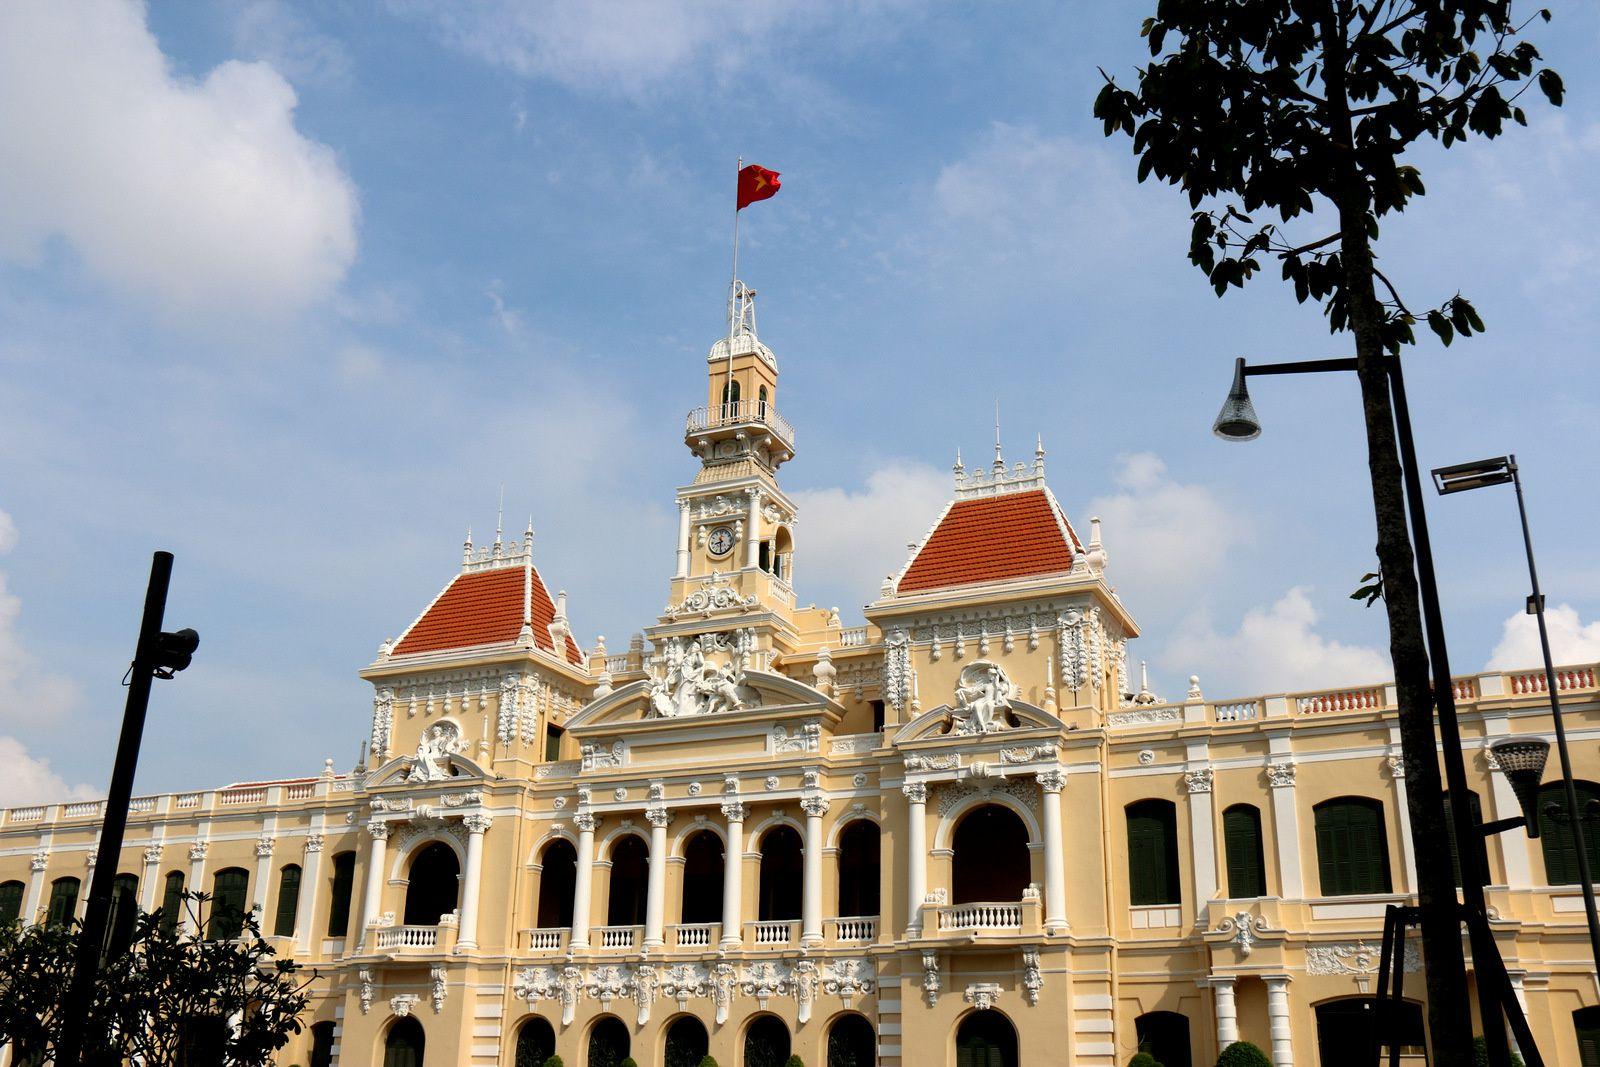 L'Hôtel de Ville de Saïgon (Hô-Chi-Minh-Ville)